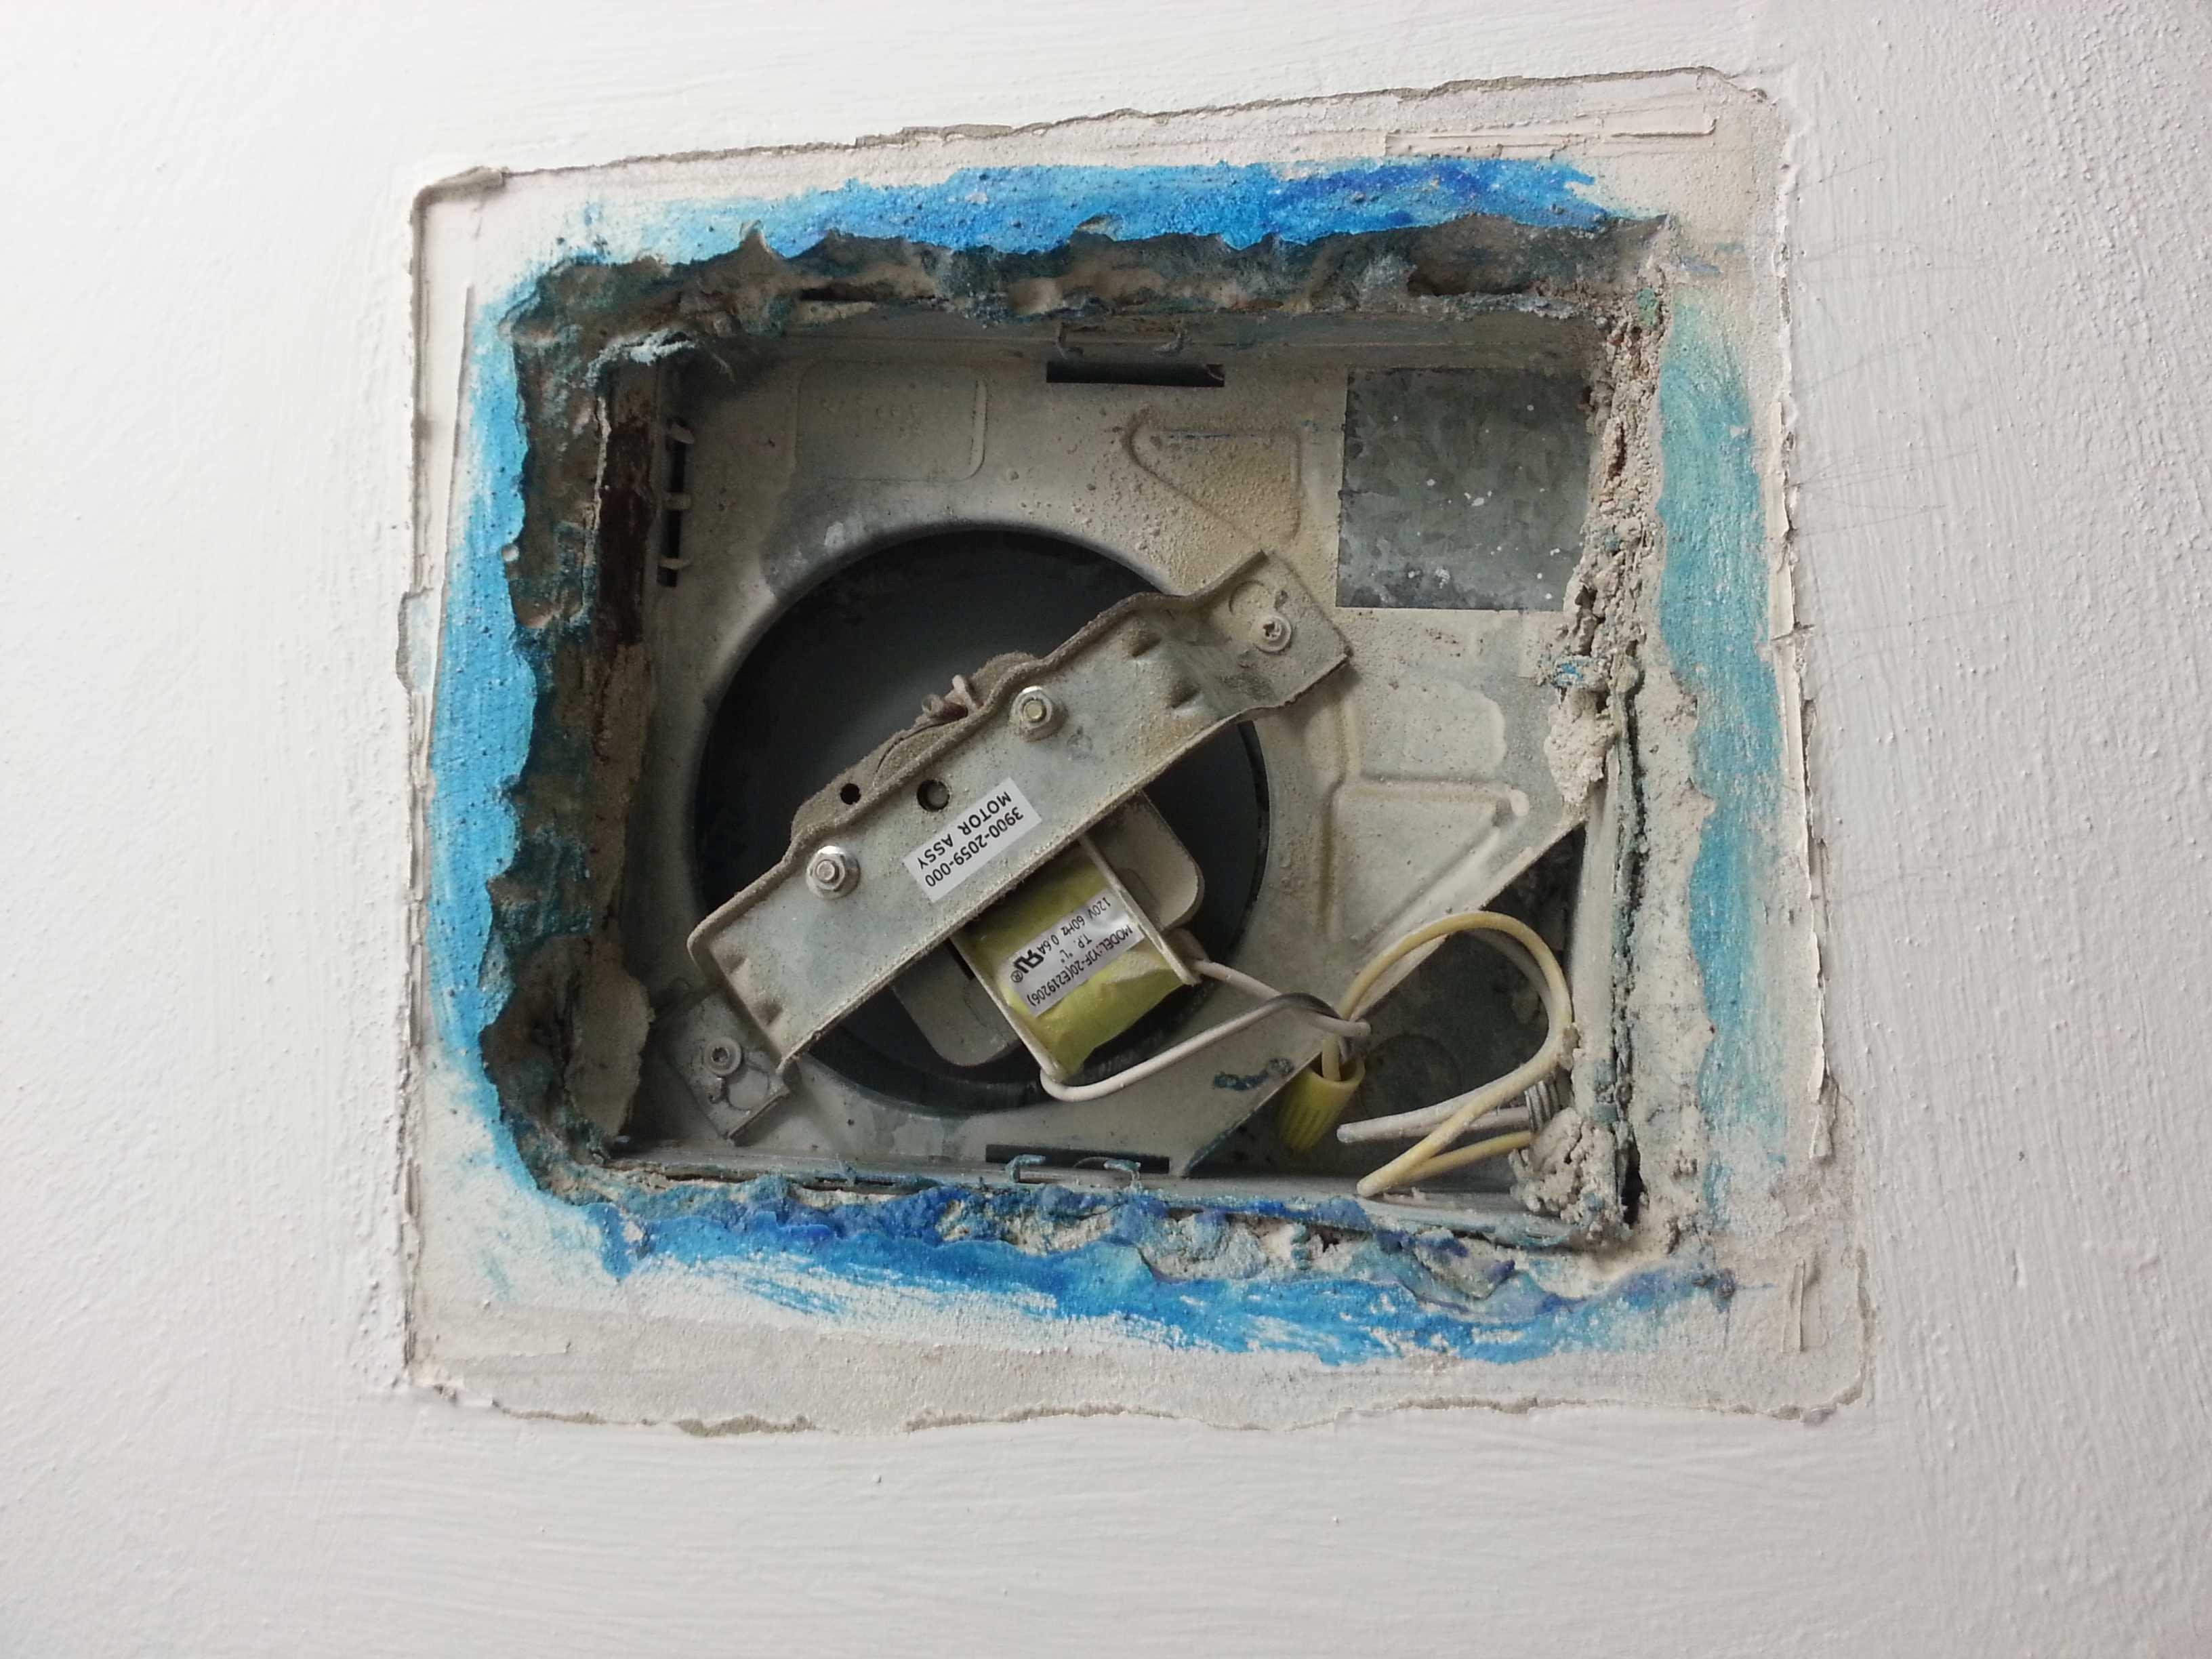 Bathroom Fan Replacement Fresh Replacing A Dead Motor In Bathroom Fan Wallpaper